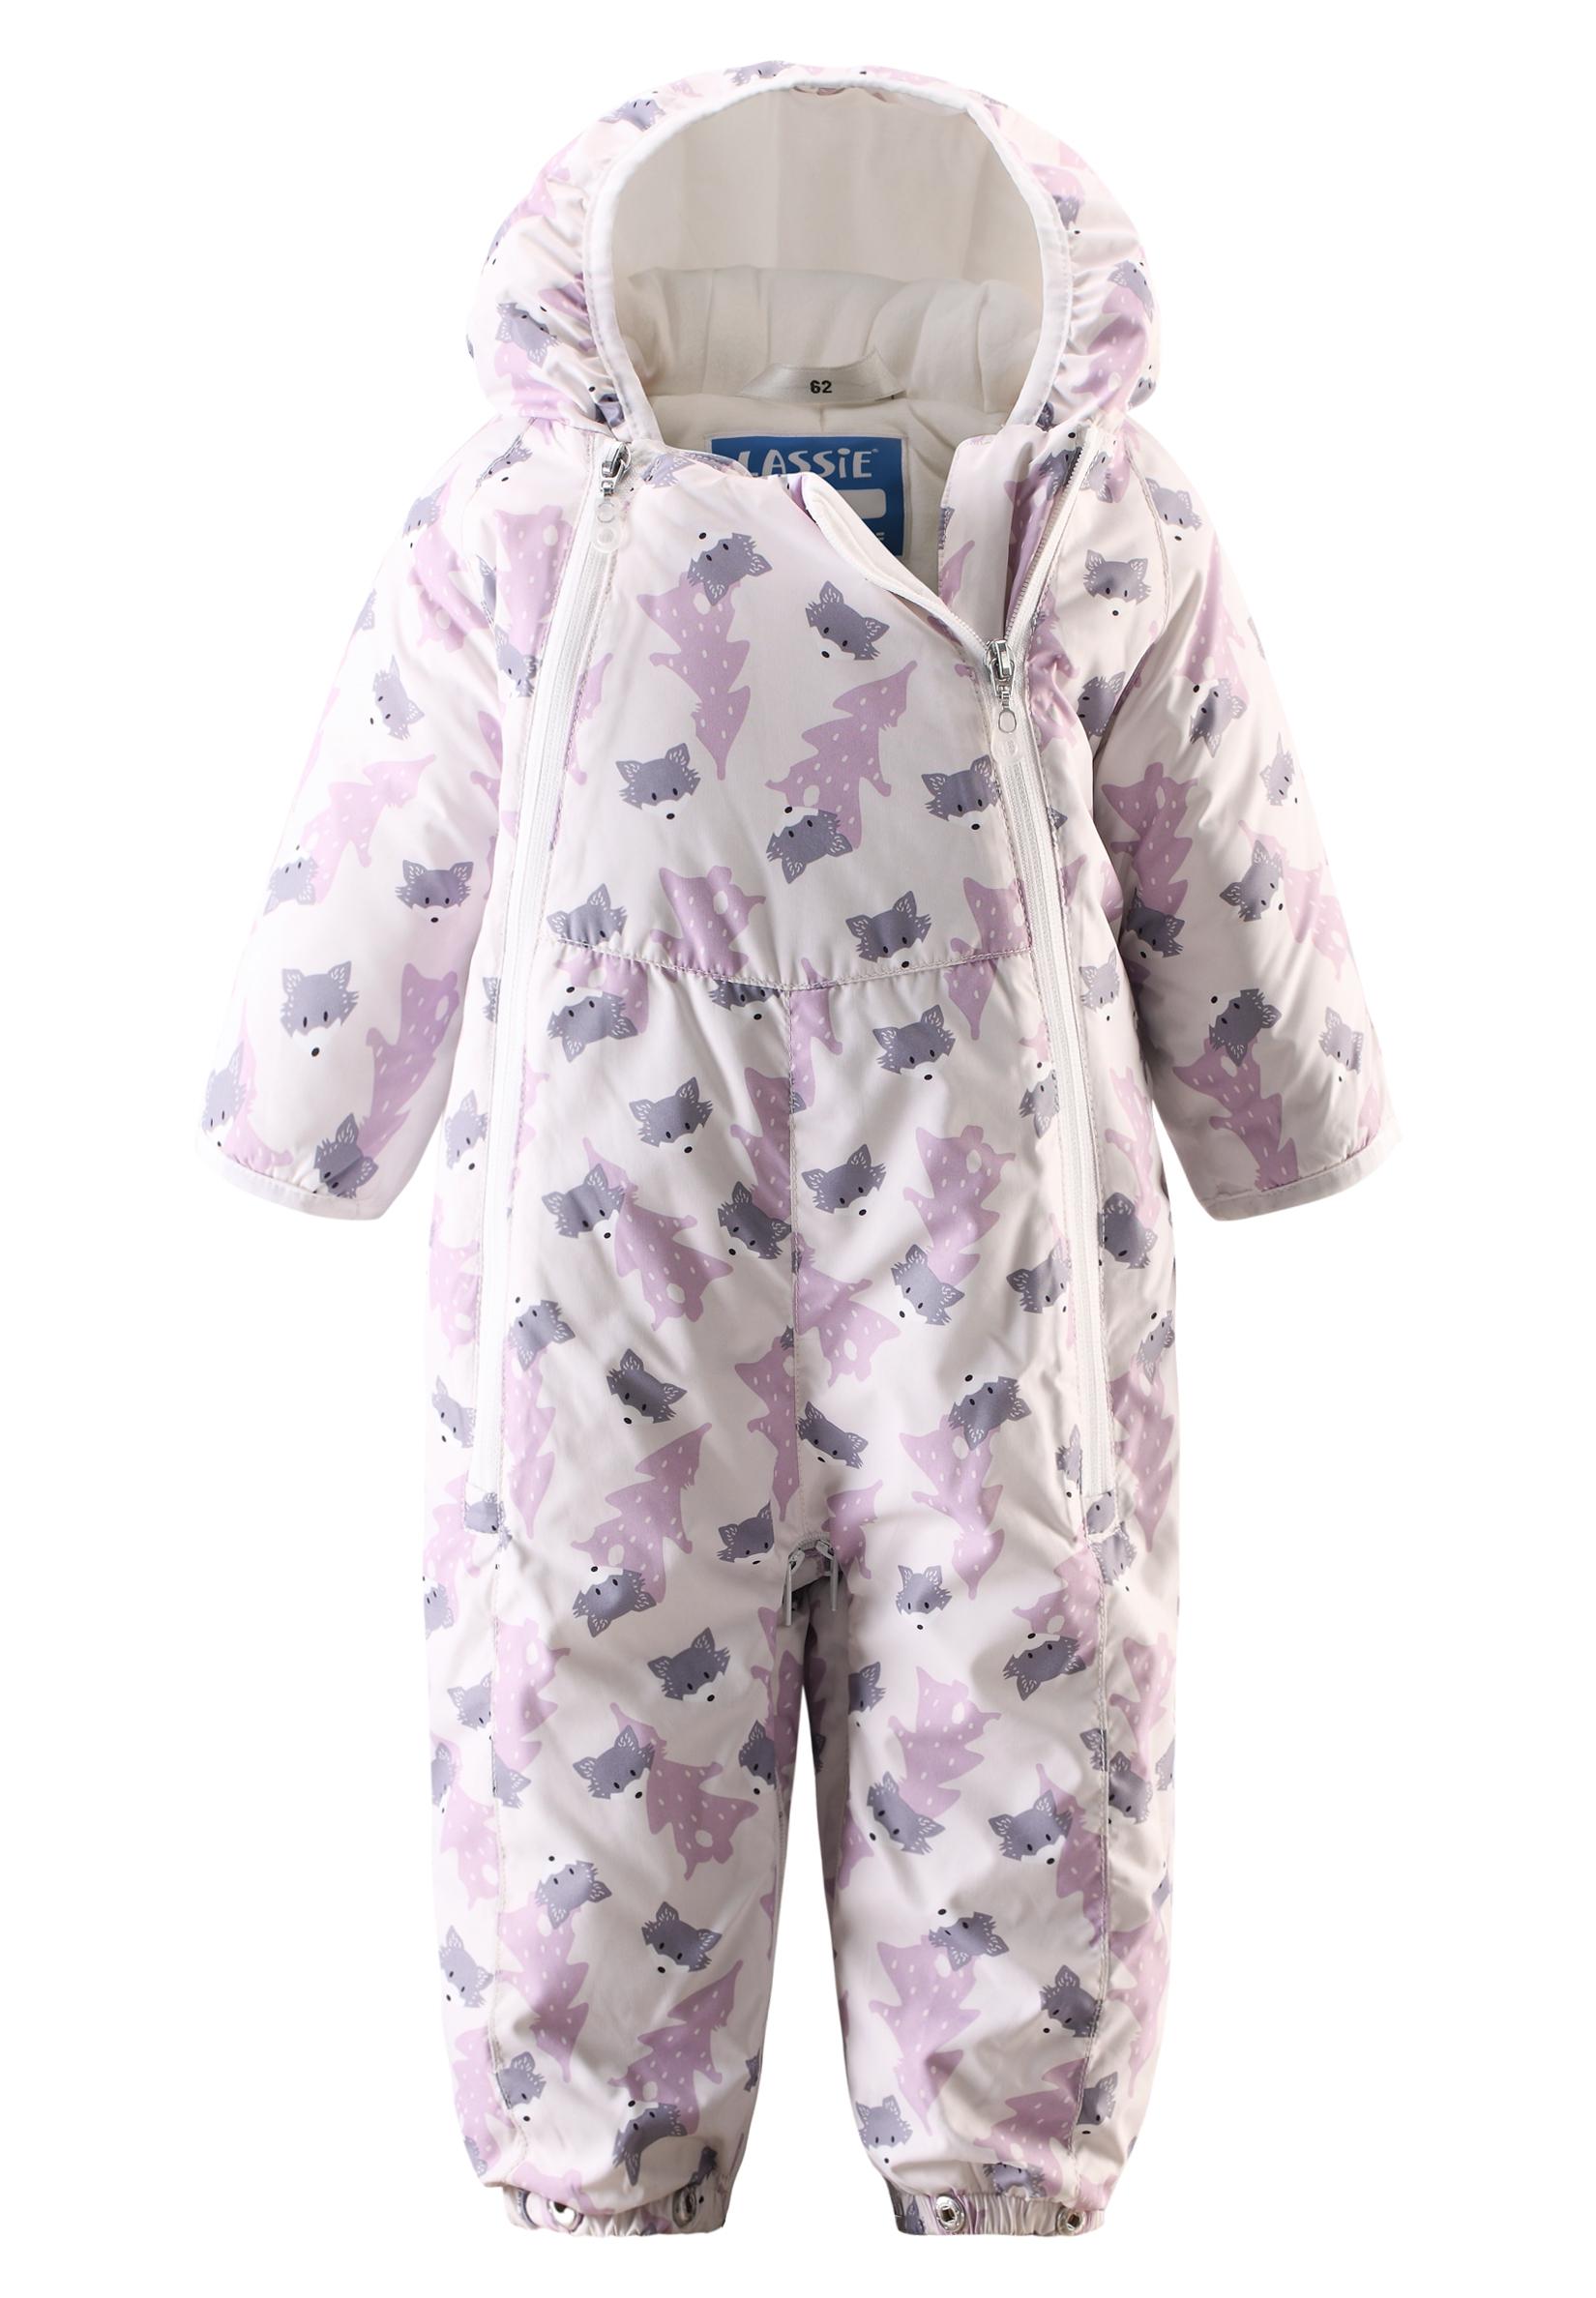 Конверты и спальные мешки Lassie Конверт для младенцев Lassie, розовый спальные мешки для малышей bebe lazzi конверт